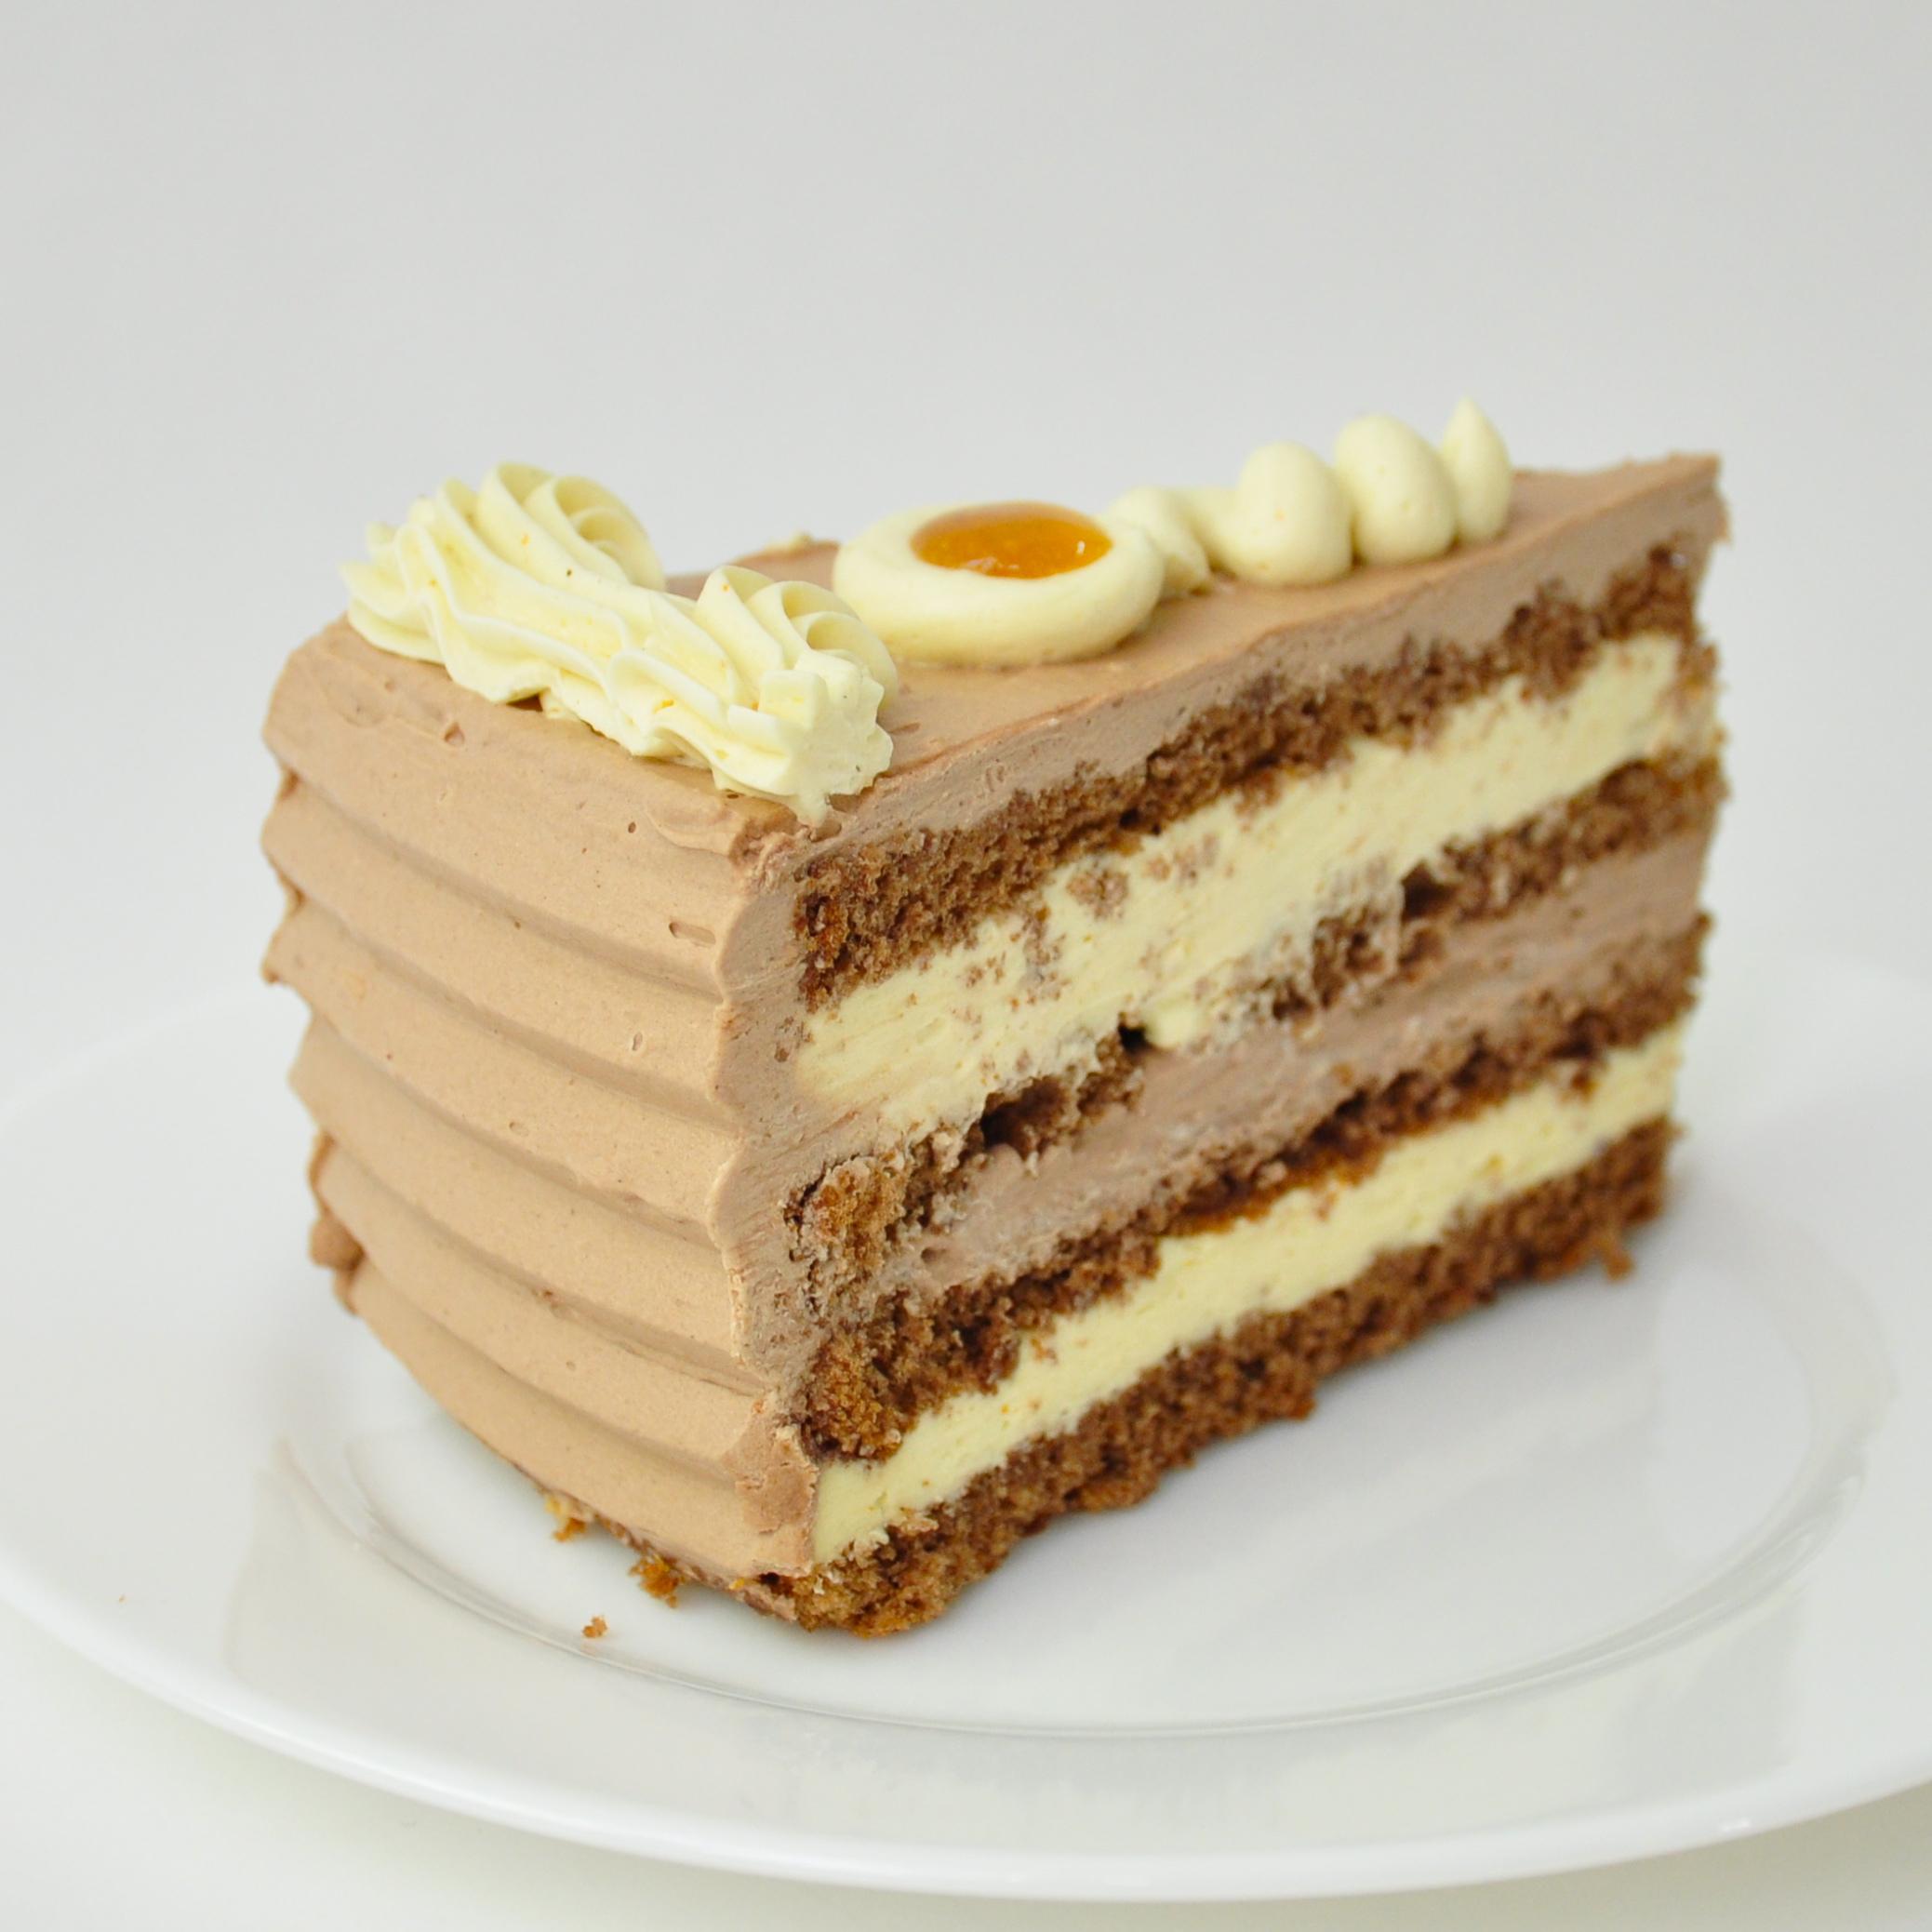 Eis-Voh-glutenfrei-Kuchen-Torte